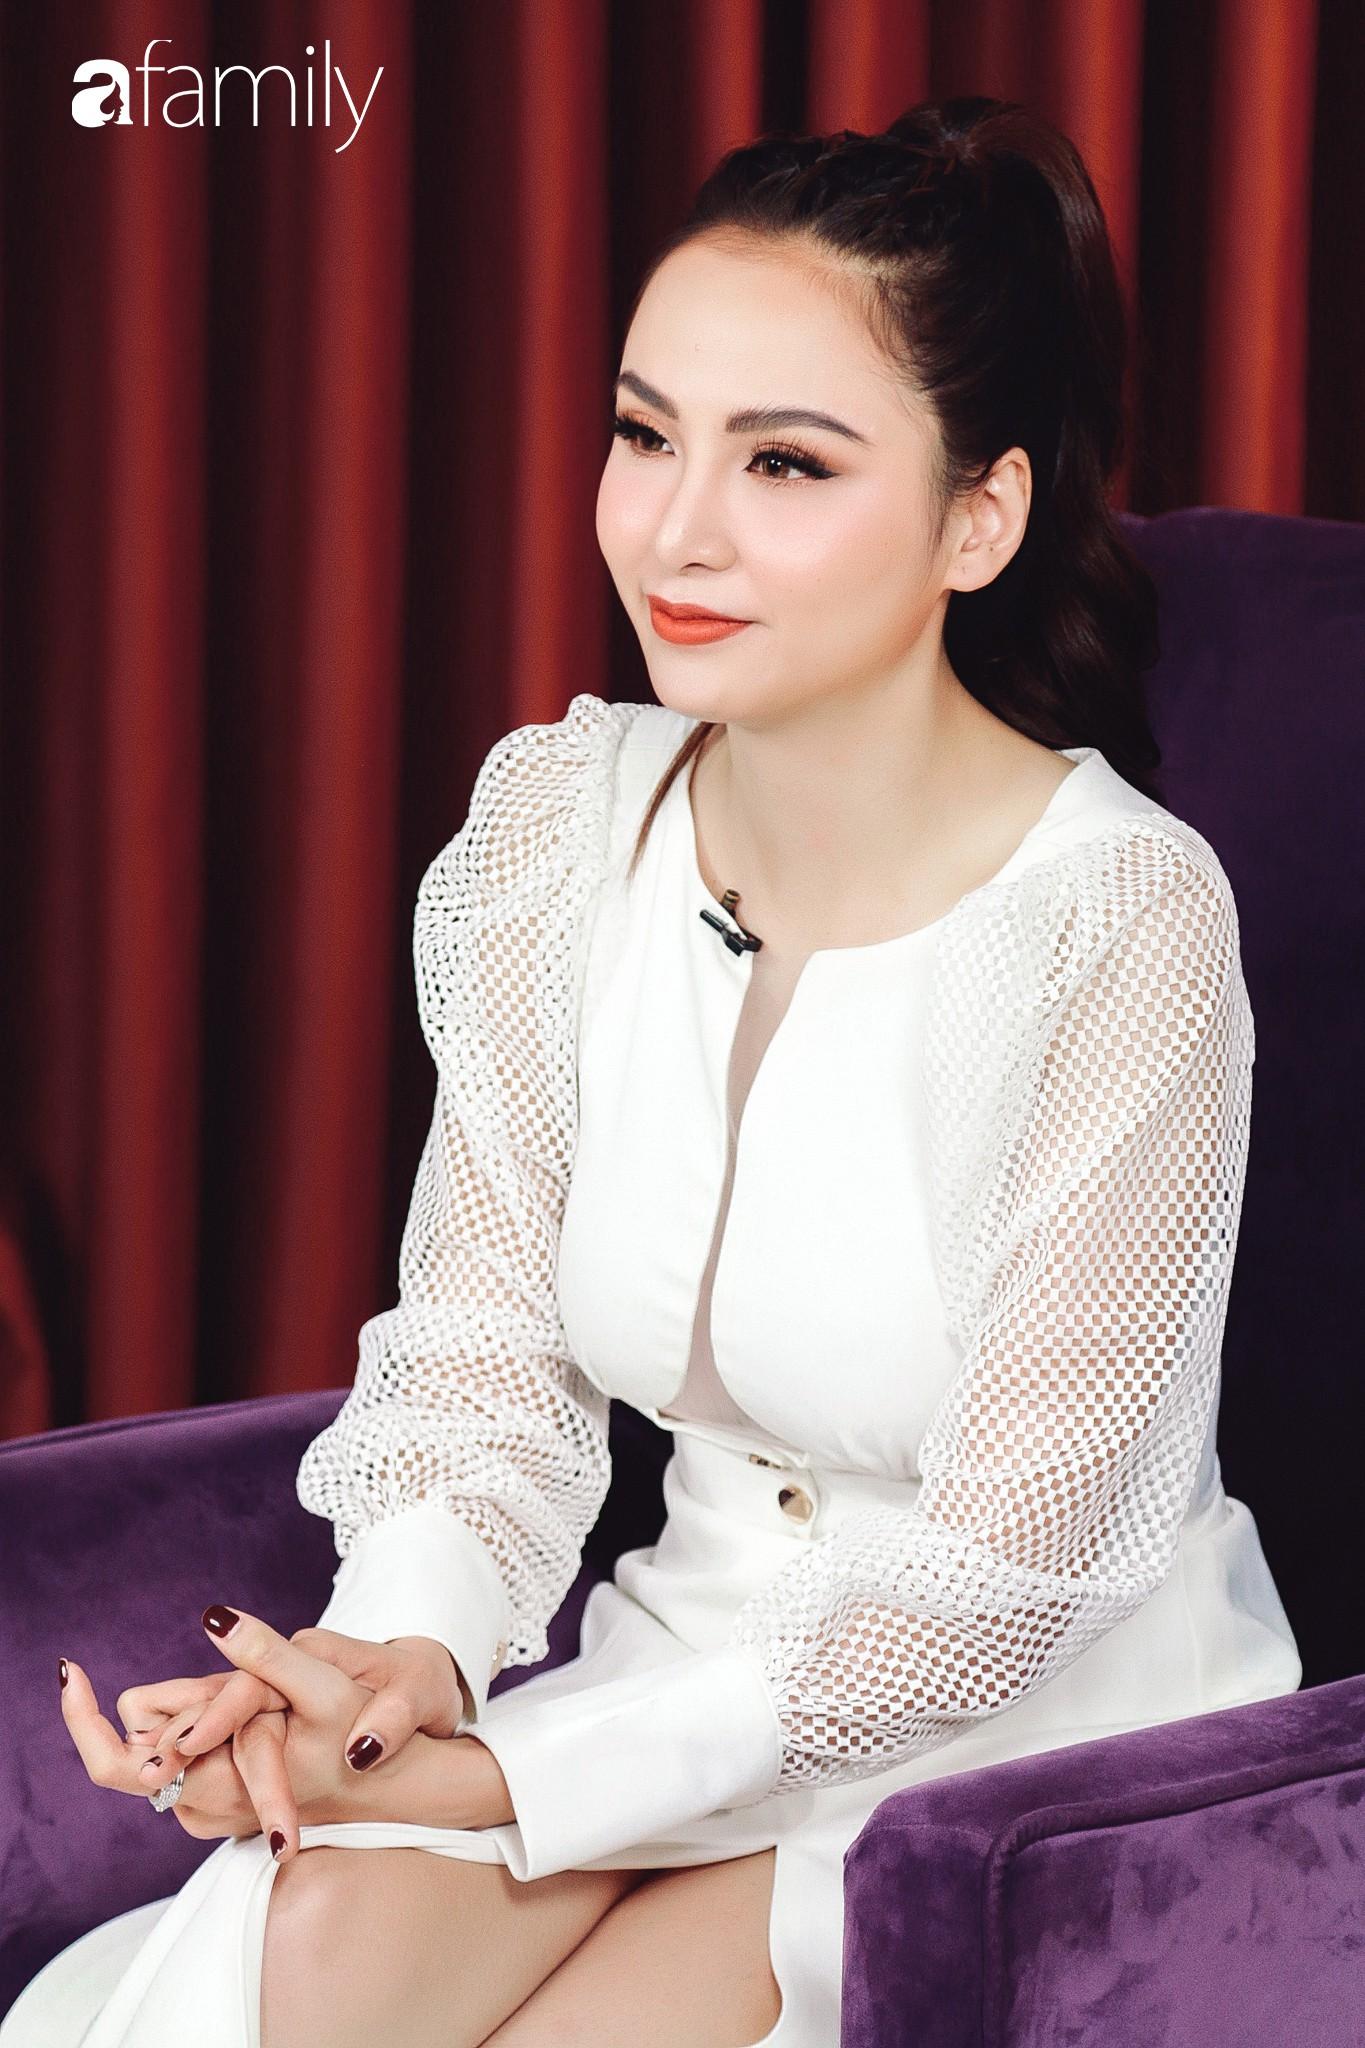 Hoa hậu Diễm Hương: Chồng nào cũng bảo nếu em đừng làm ra tiền thì đã dễ dạy hơn-4